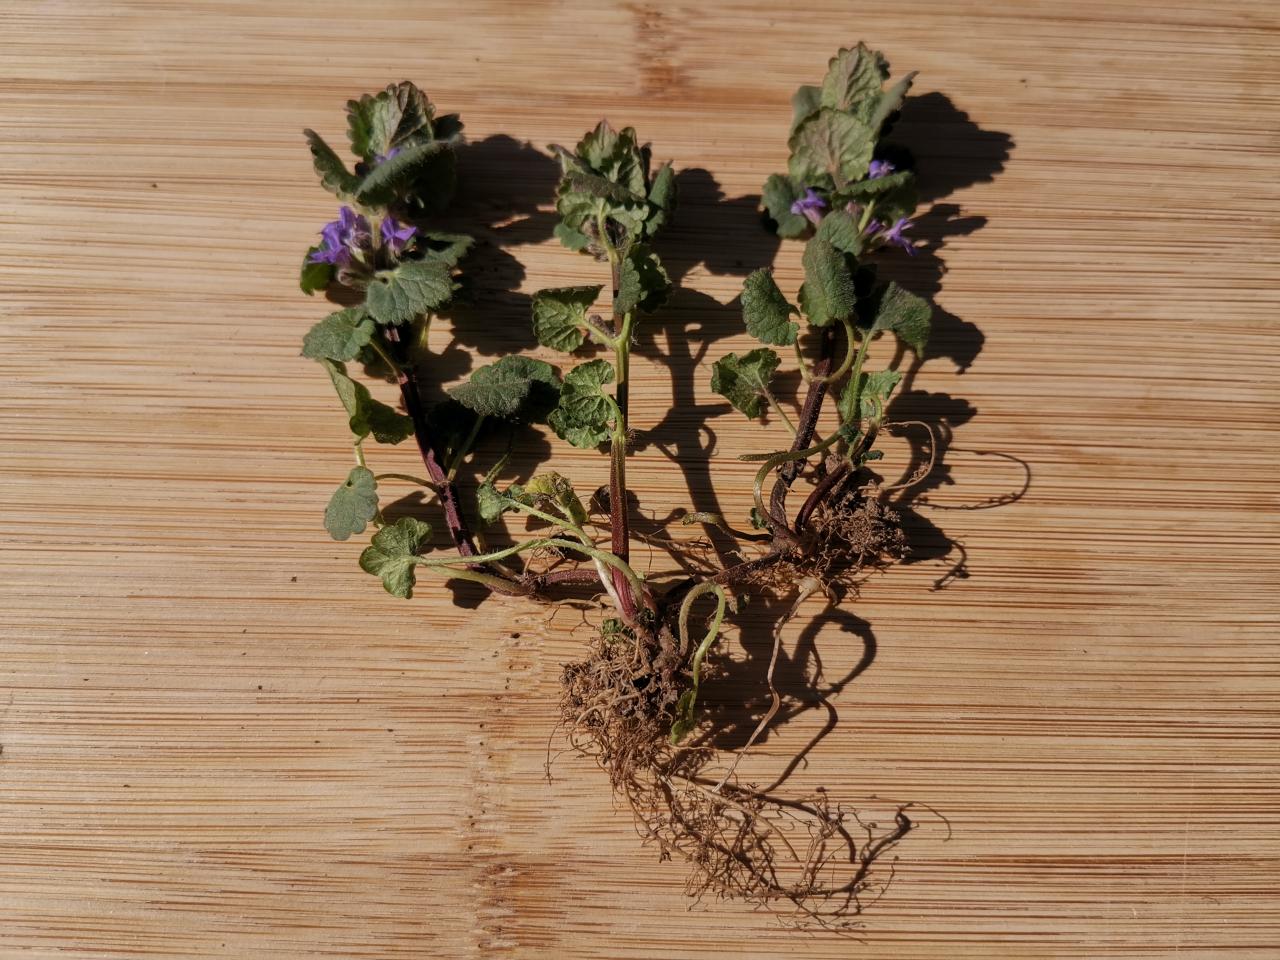 Gundermann Ganze Pflanze